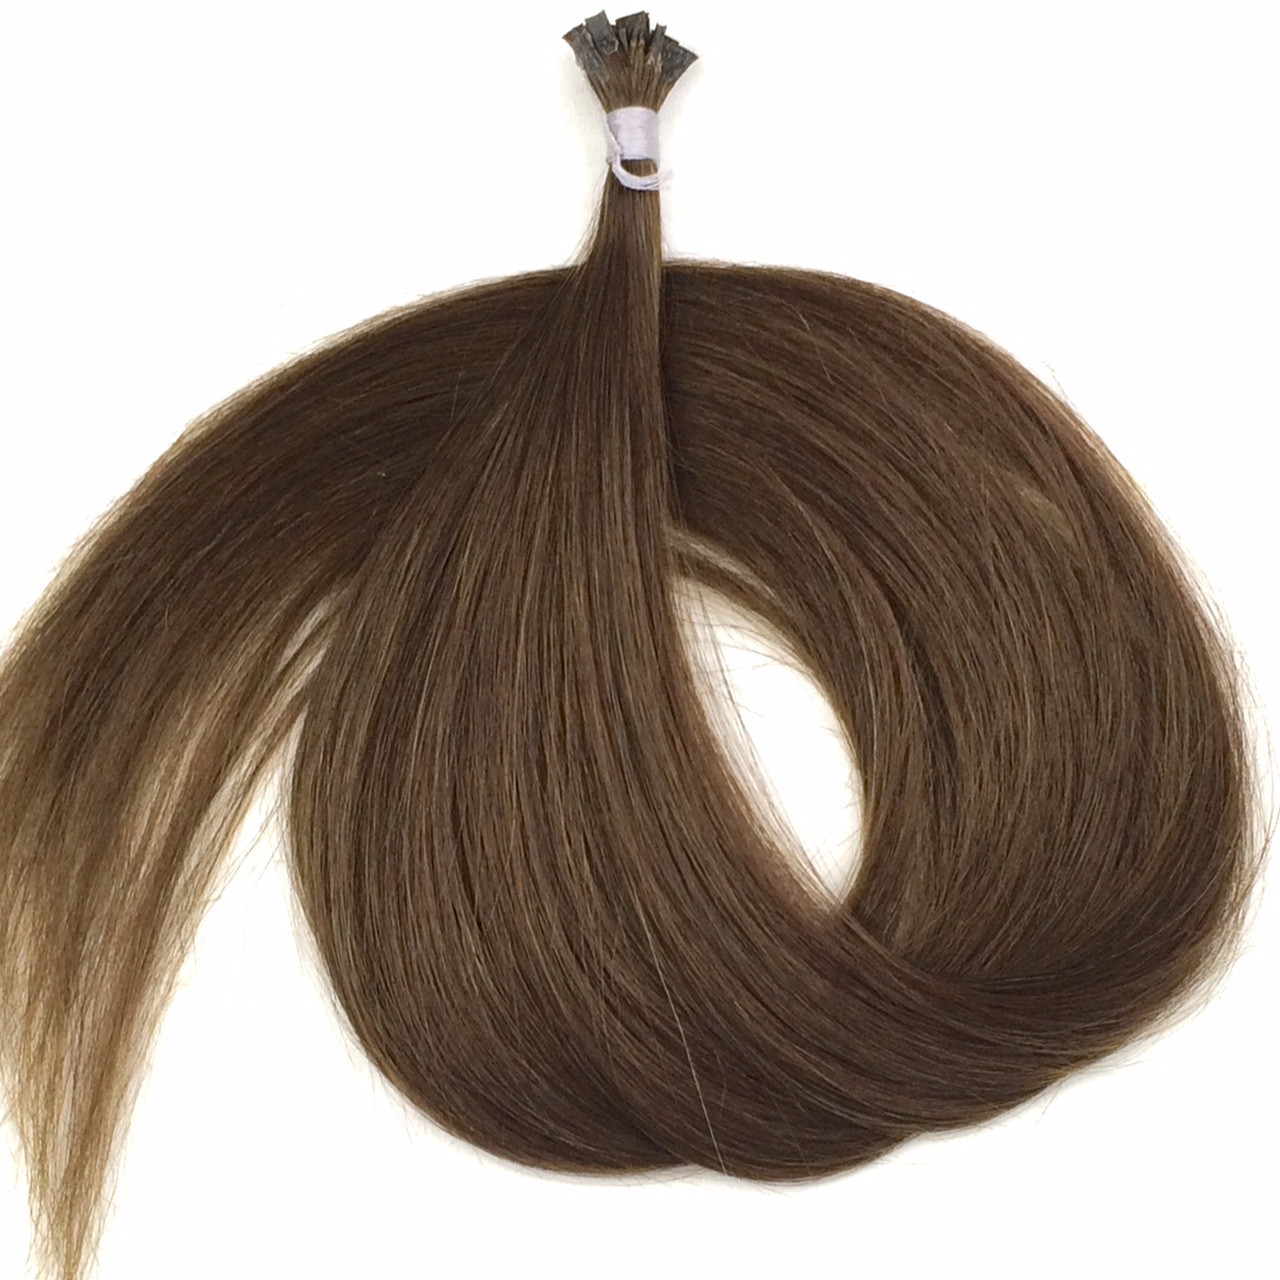 Слов'янські волосся на капсулах 80 див. Колір #Натуральний русявий